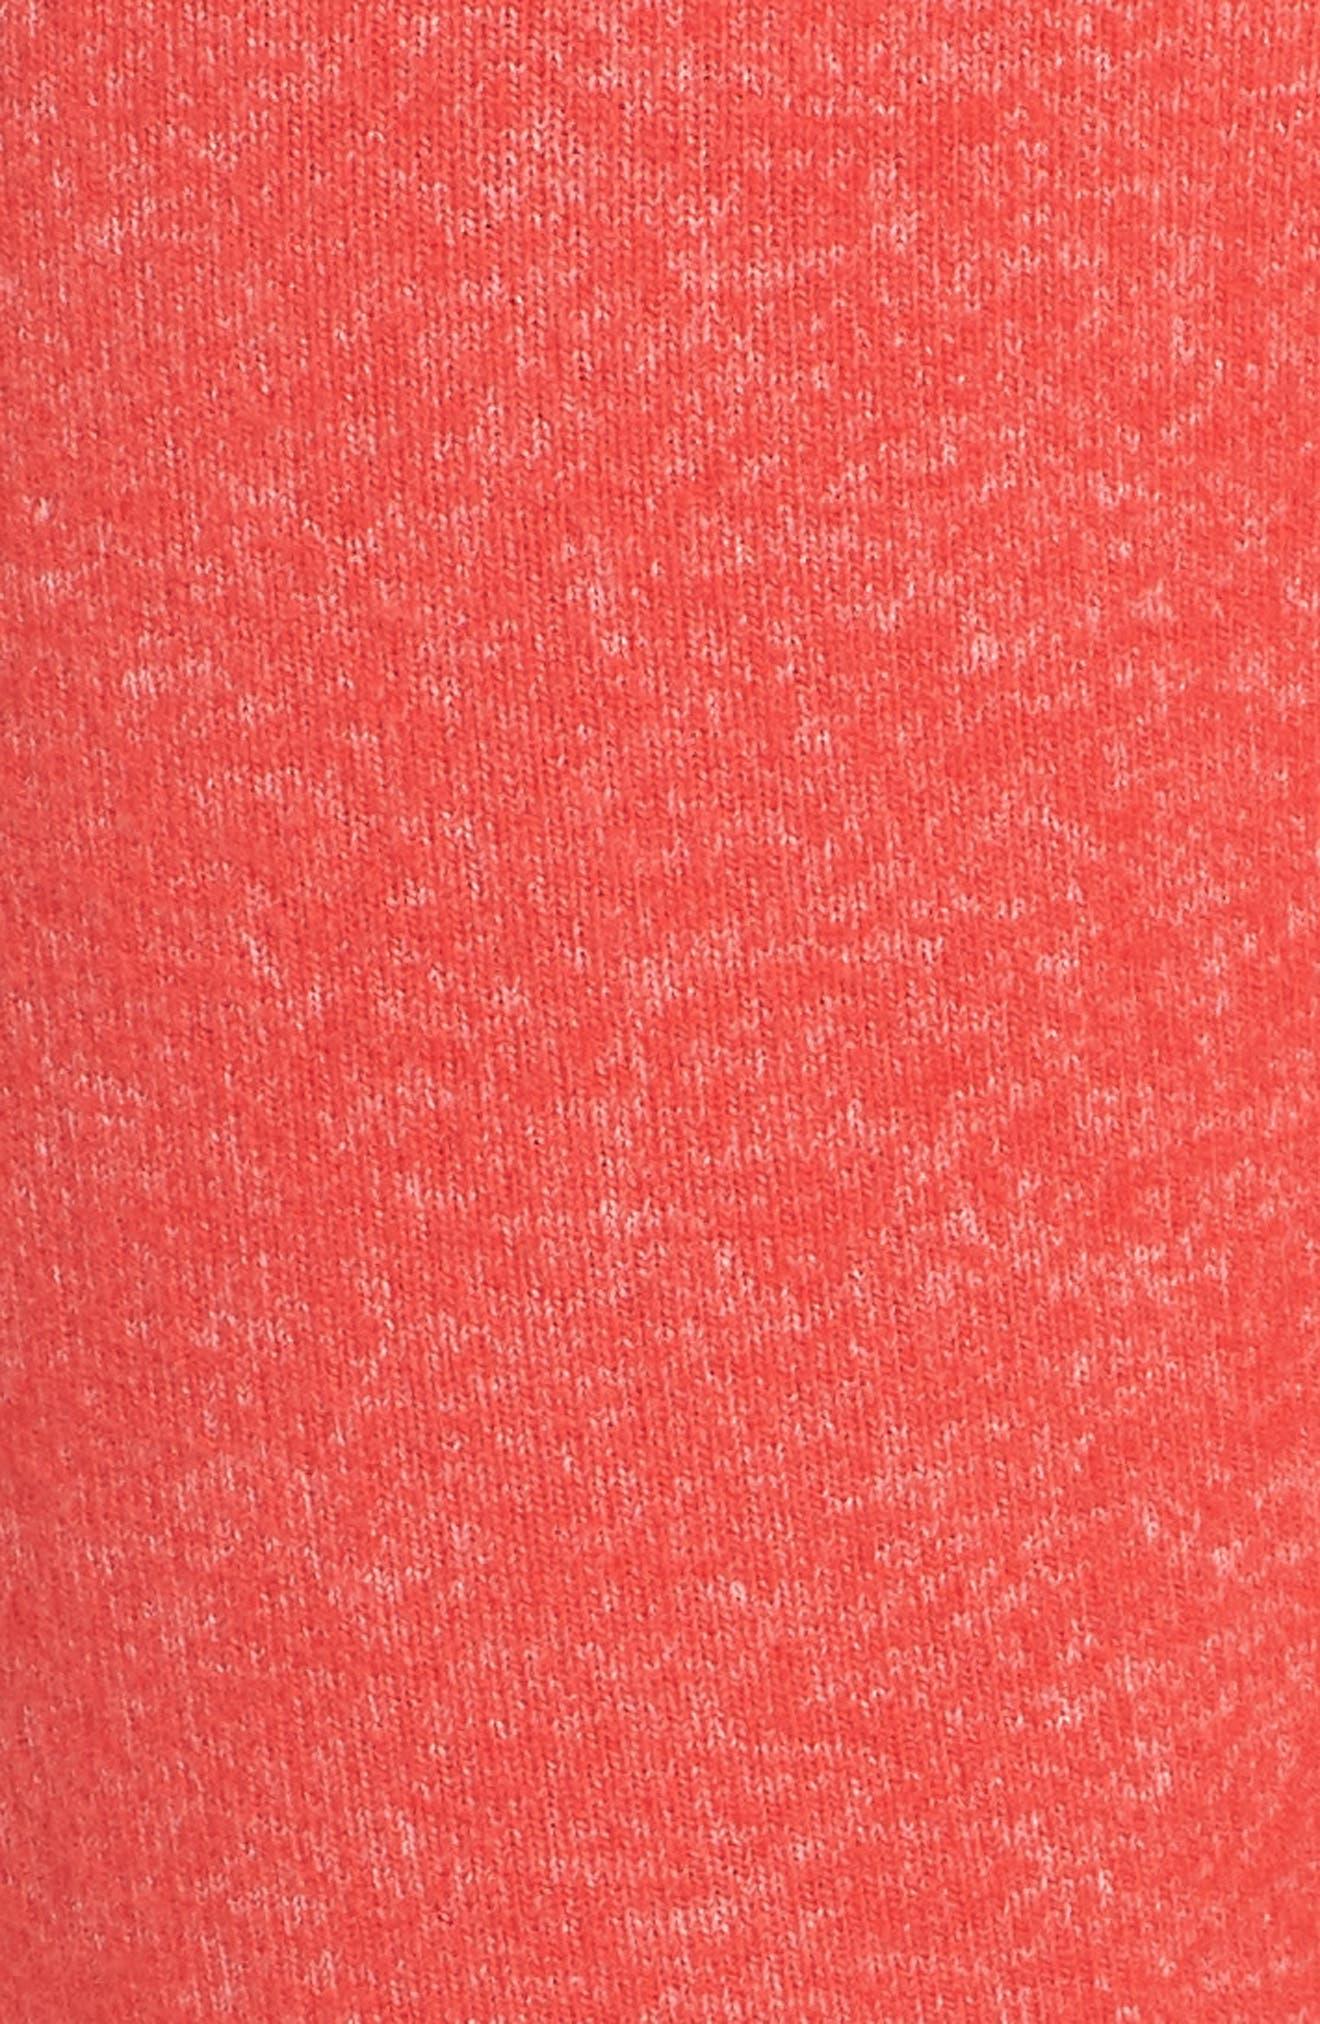 Good Vibes Jogger Pants,                             Alternate thumbnail 5, color,                             RED TOMATO/ IVORY EGRET STRIPE